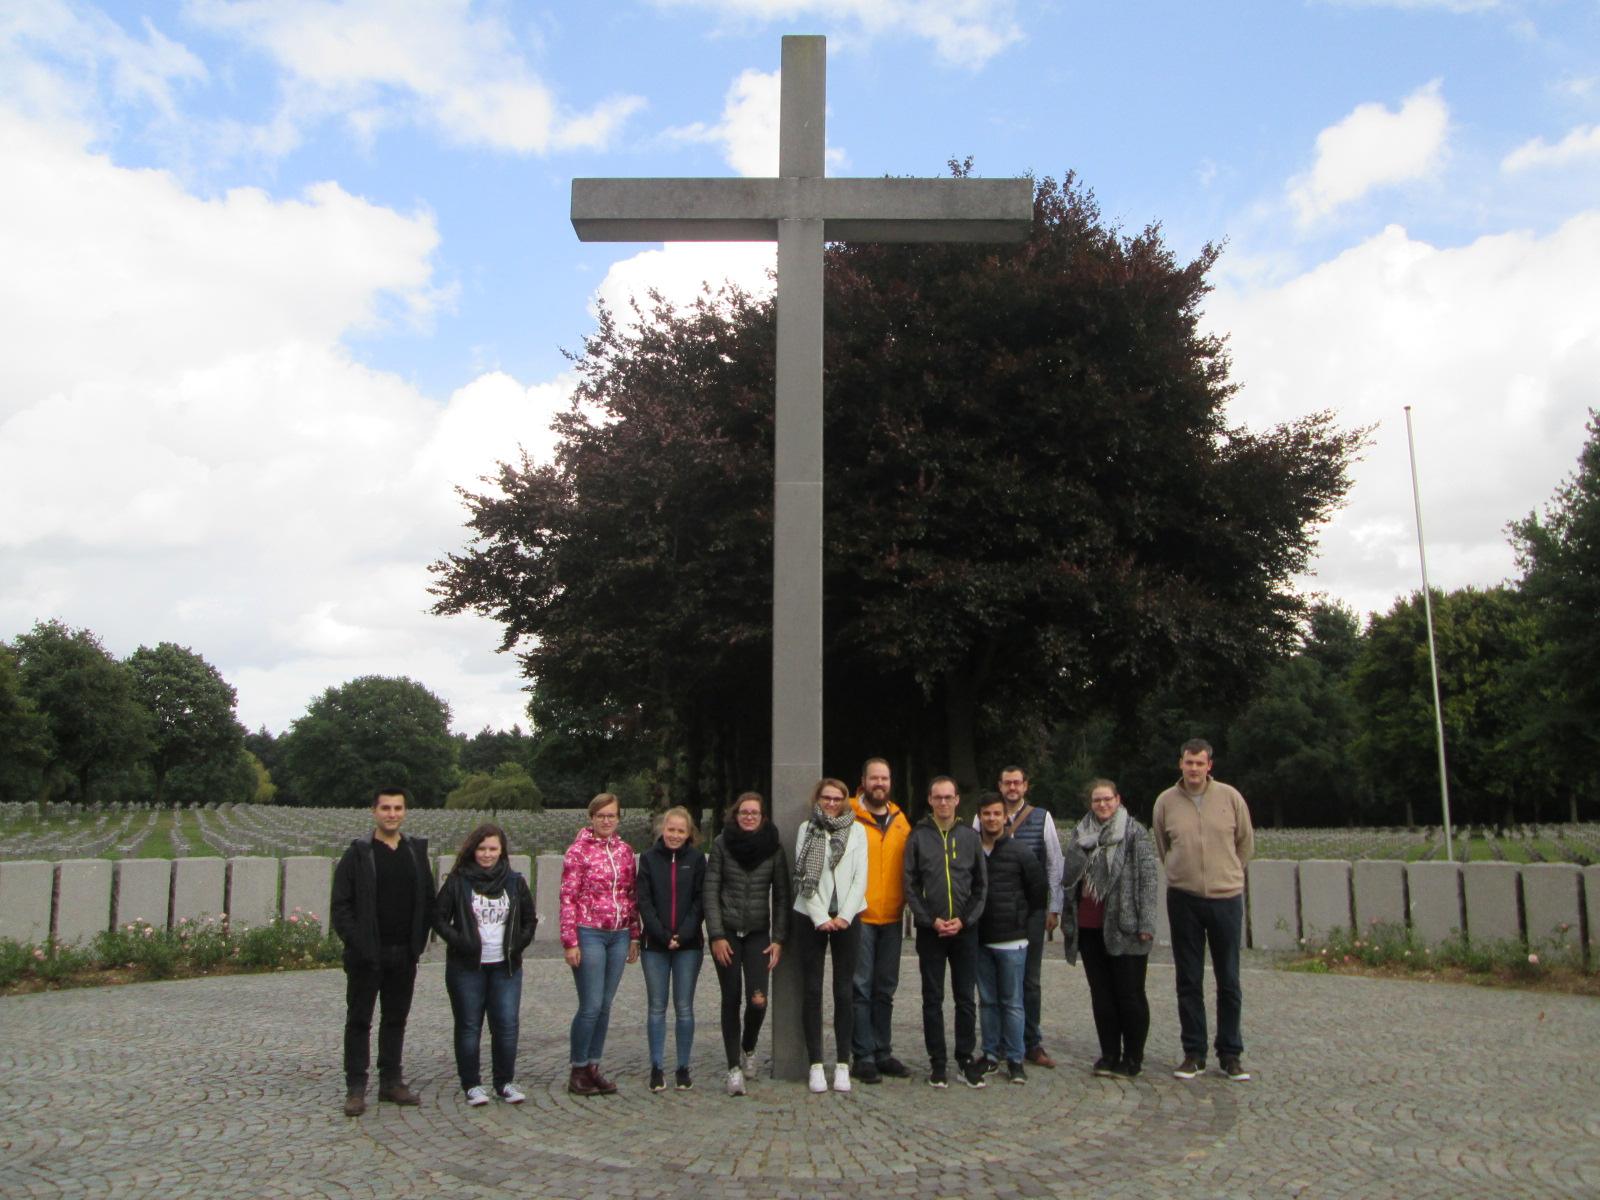 Friedensarbeit mit Auszubildenden in Ysselsteyn